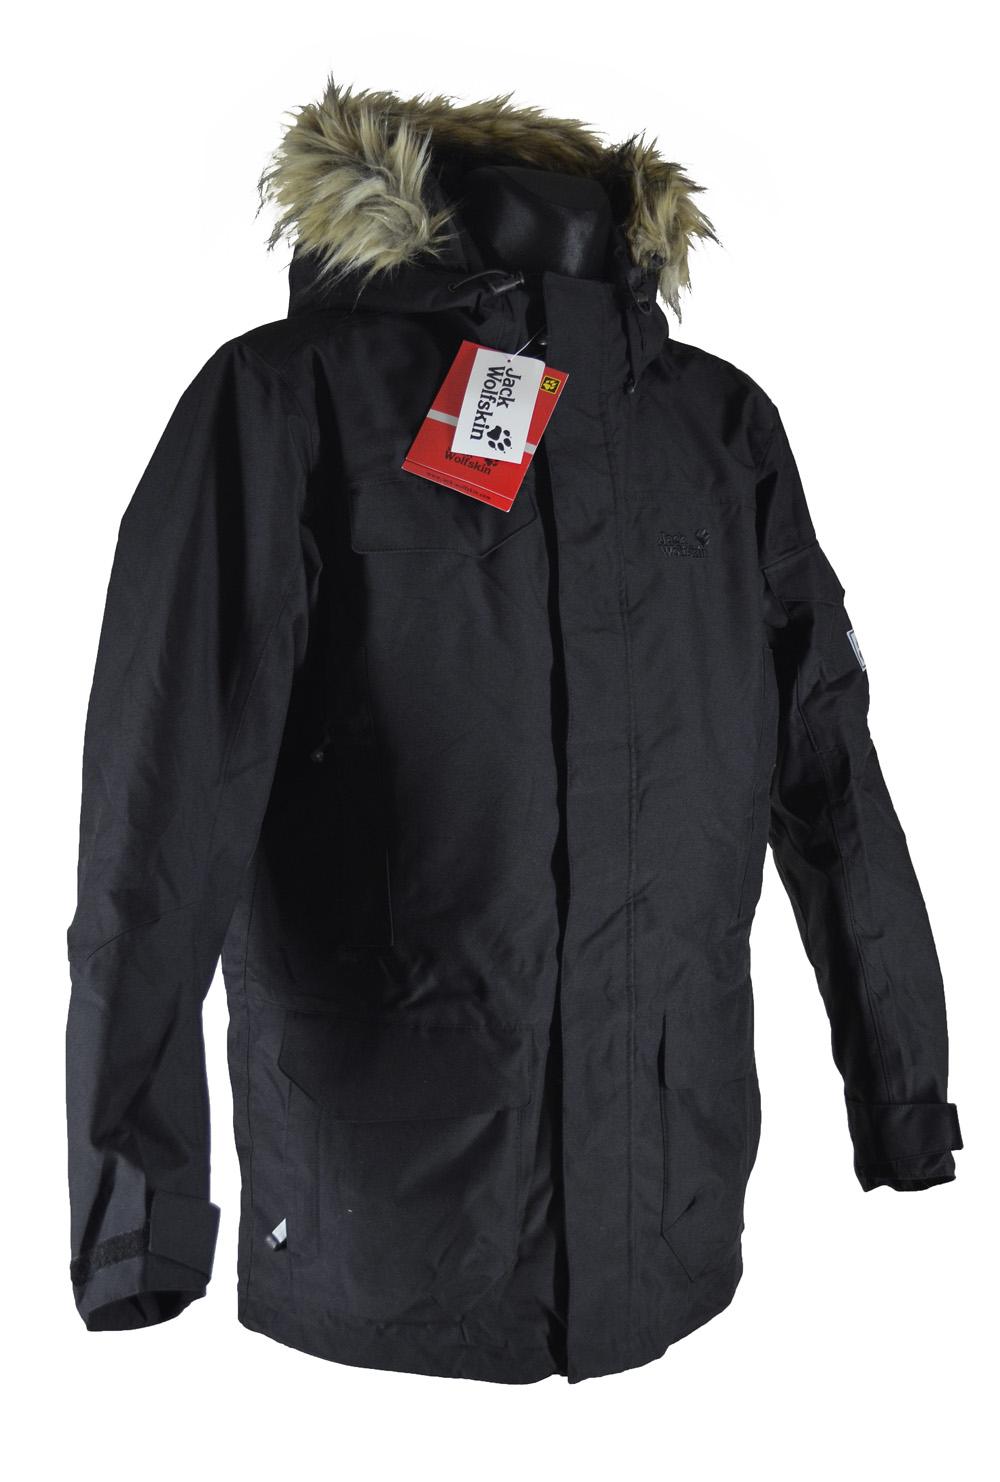 Купить зимнюю куртку Jack Wolfskin. Мужская длинная куртка